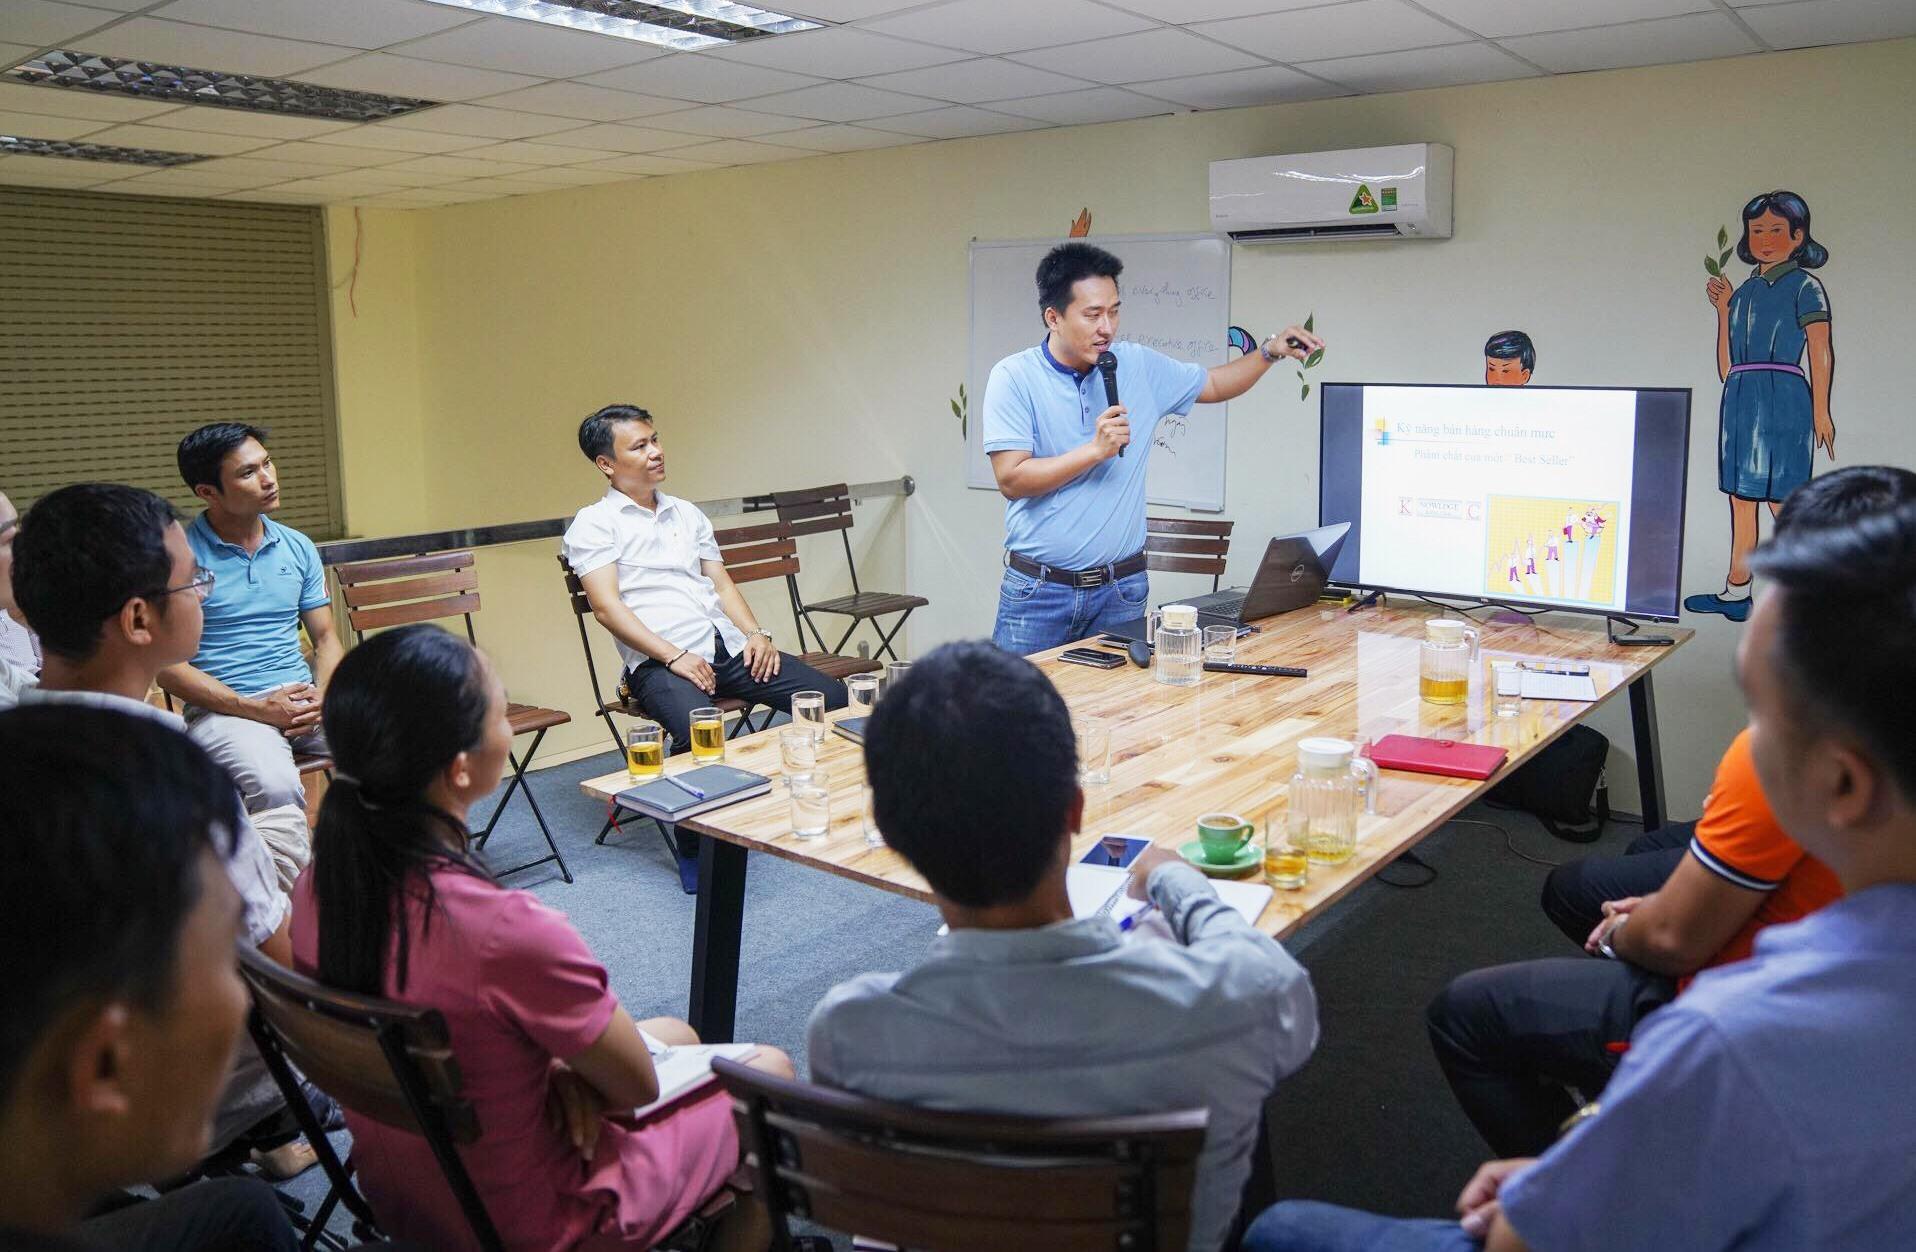 Ông Nguyễn Bão Quốc trong vai trò diễn giả, tập huấn cho các doanh nghiệp khởi nghiệp trên địa bàn tỉnh. Ảnh: P. VINH